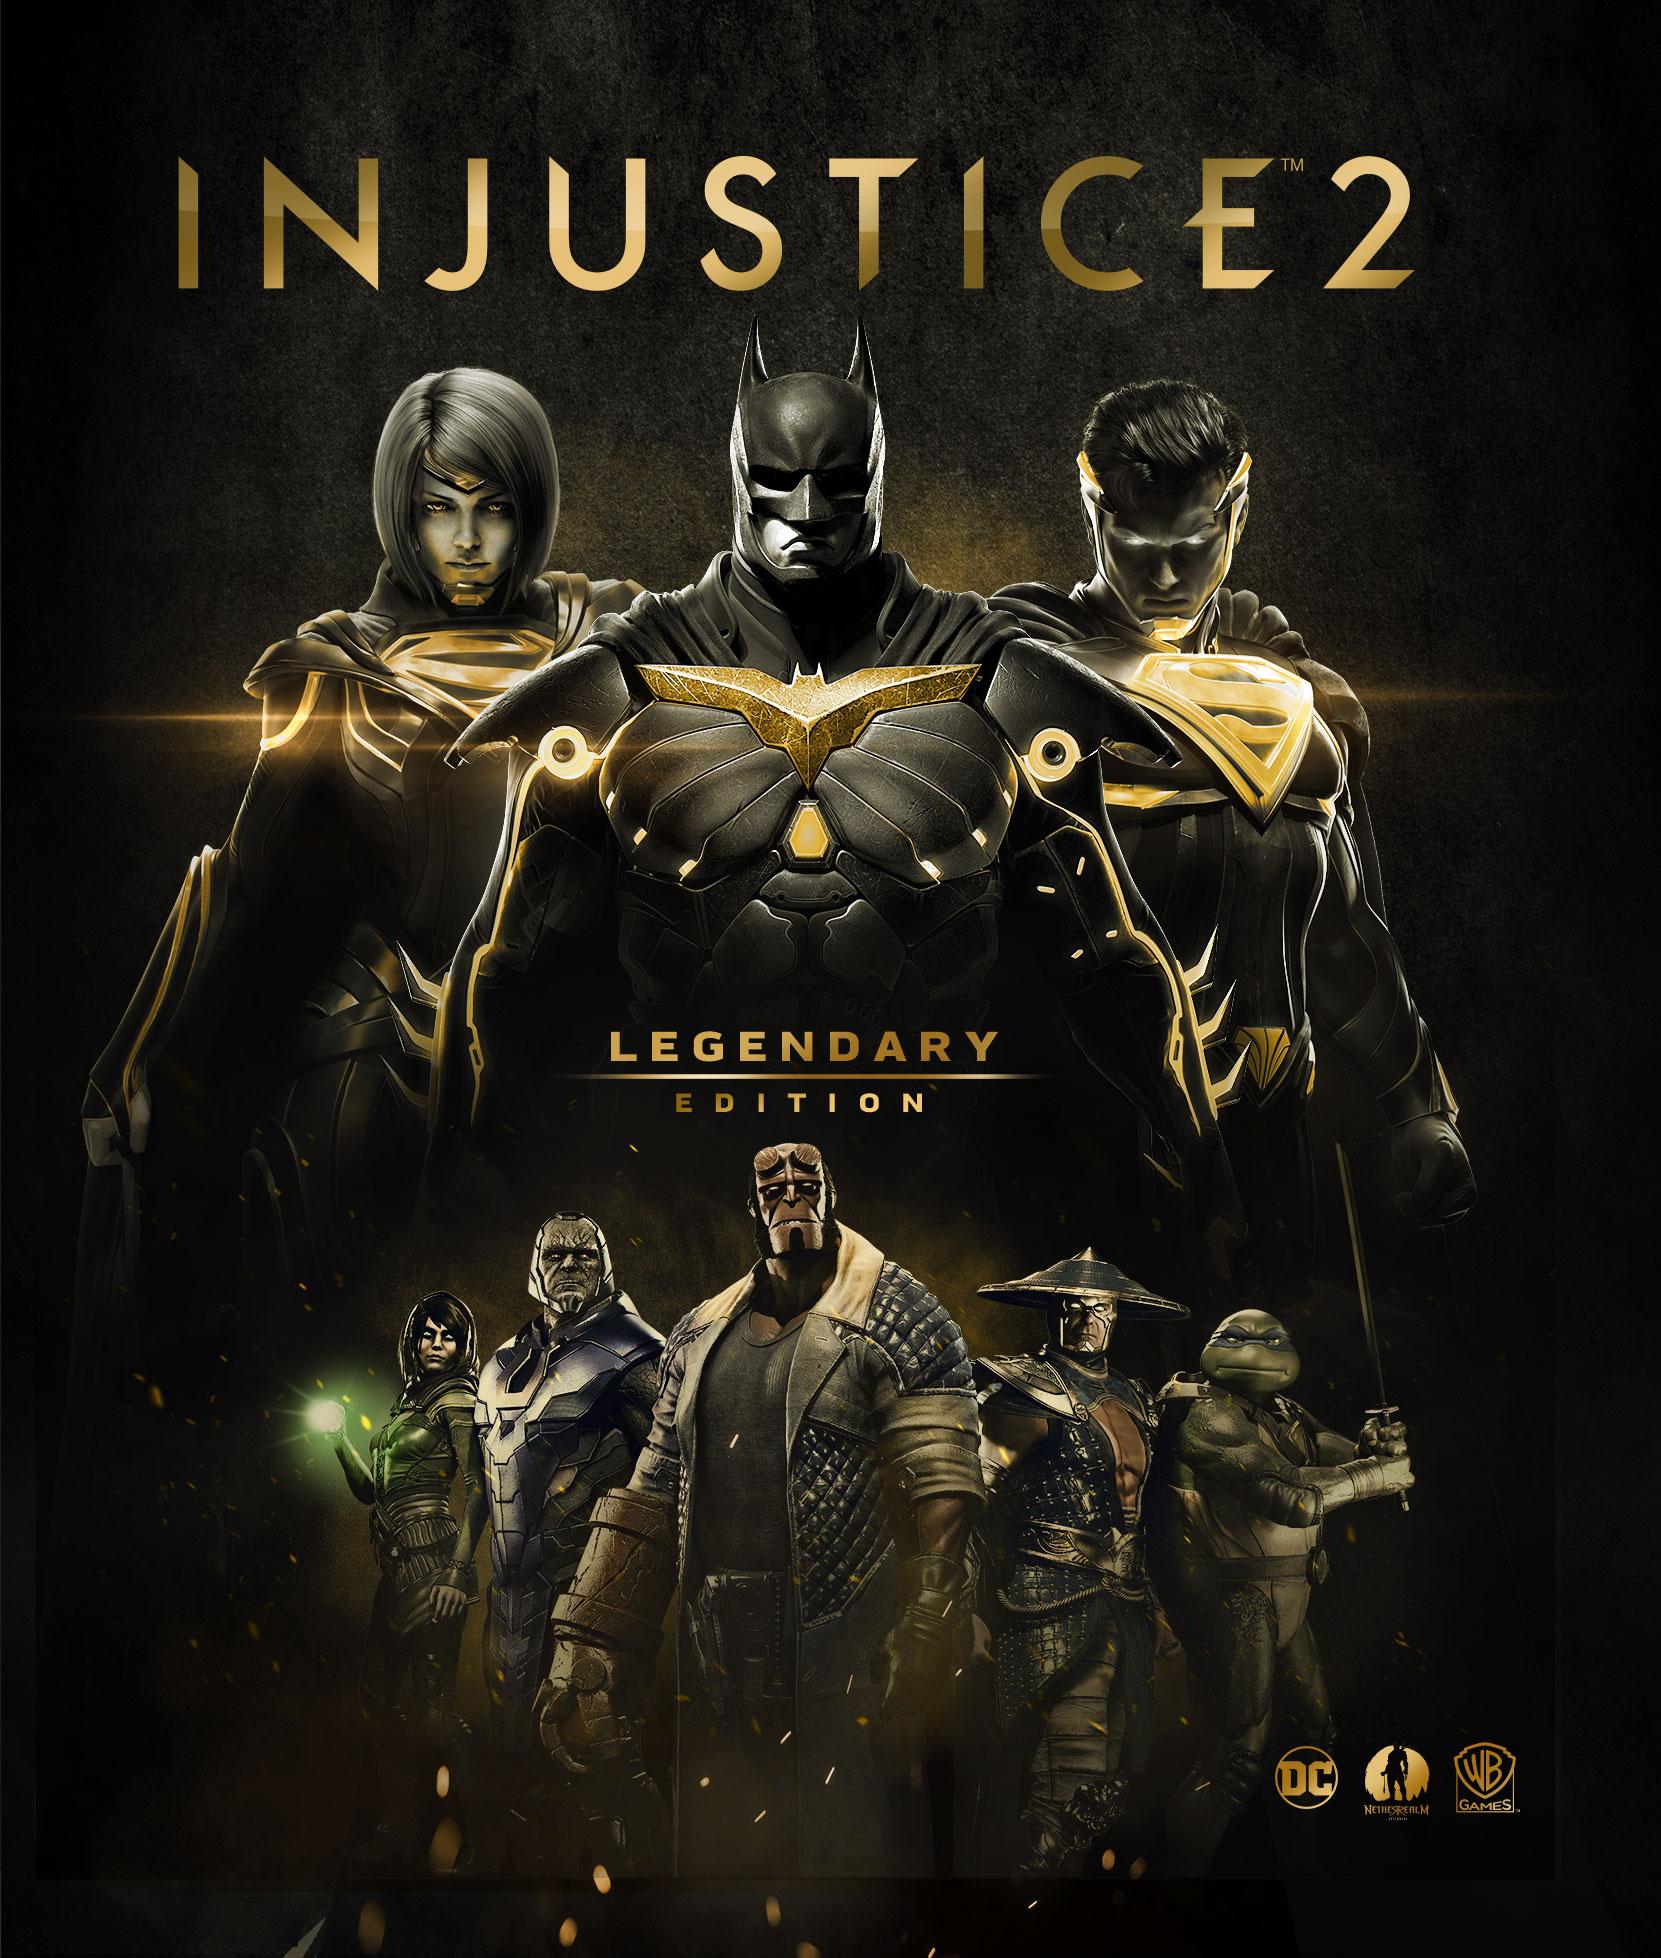 ¡Es oficial! Injustice 2 Legendary Edition fija su lanzamiento en marzo